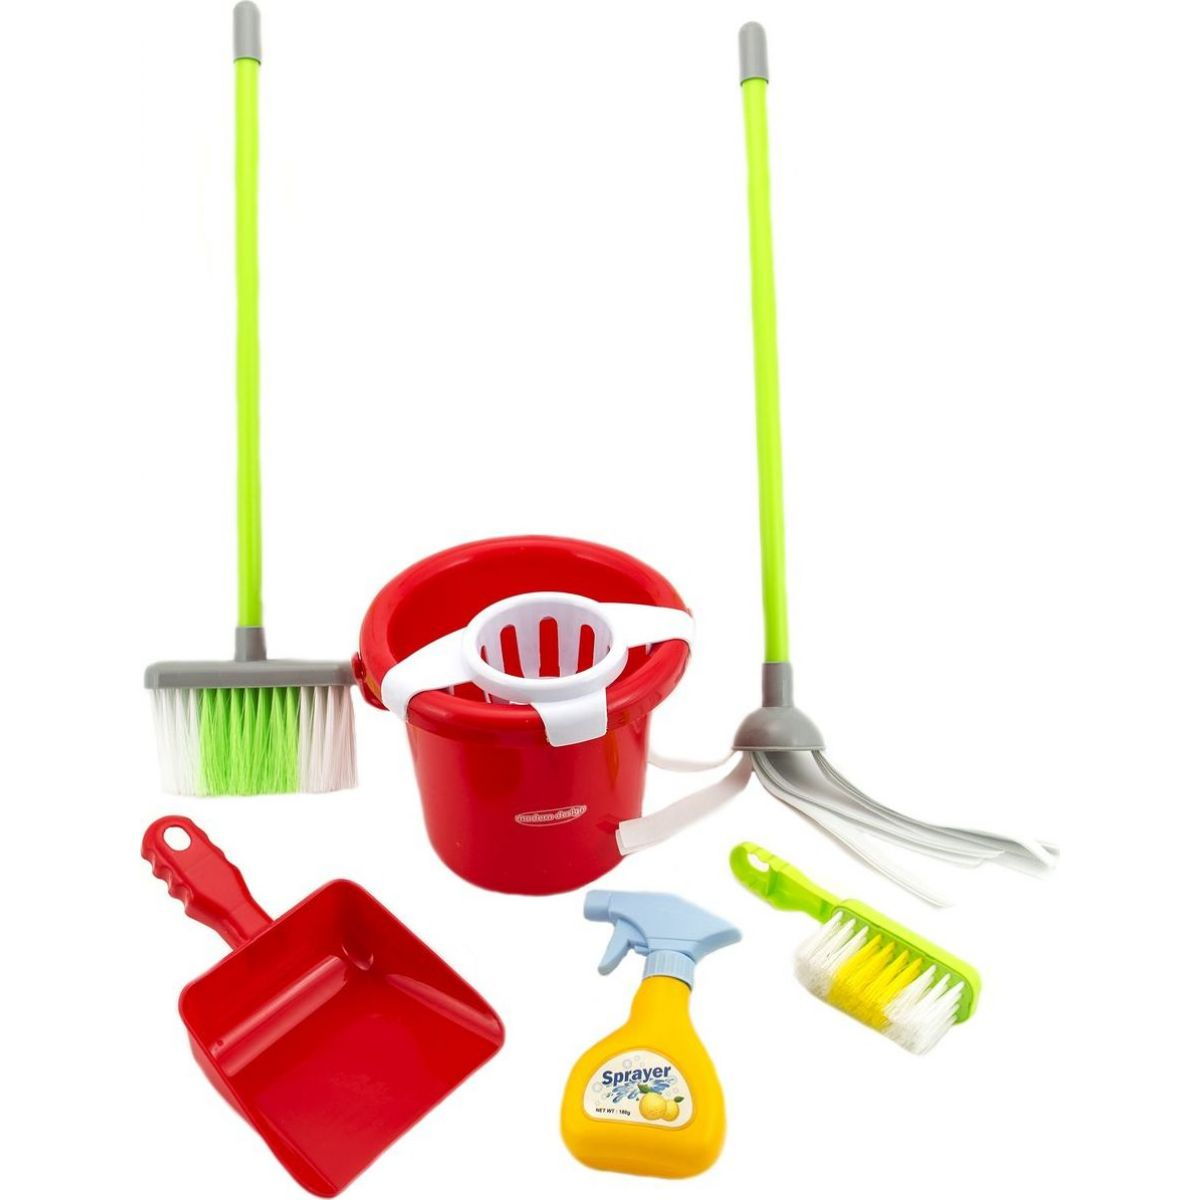 Sada uklízečka se kbelíkem, smetákem, lopatkou a mopem